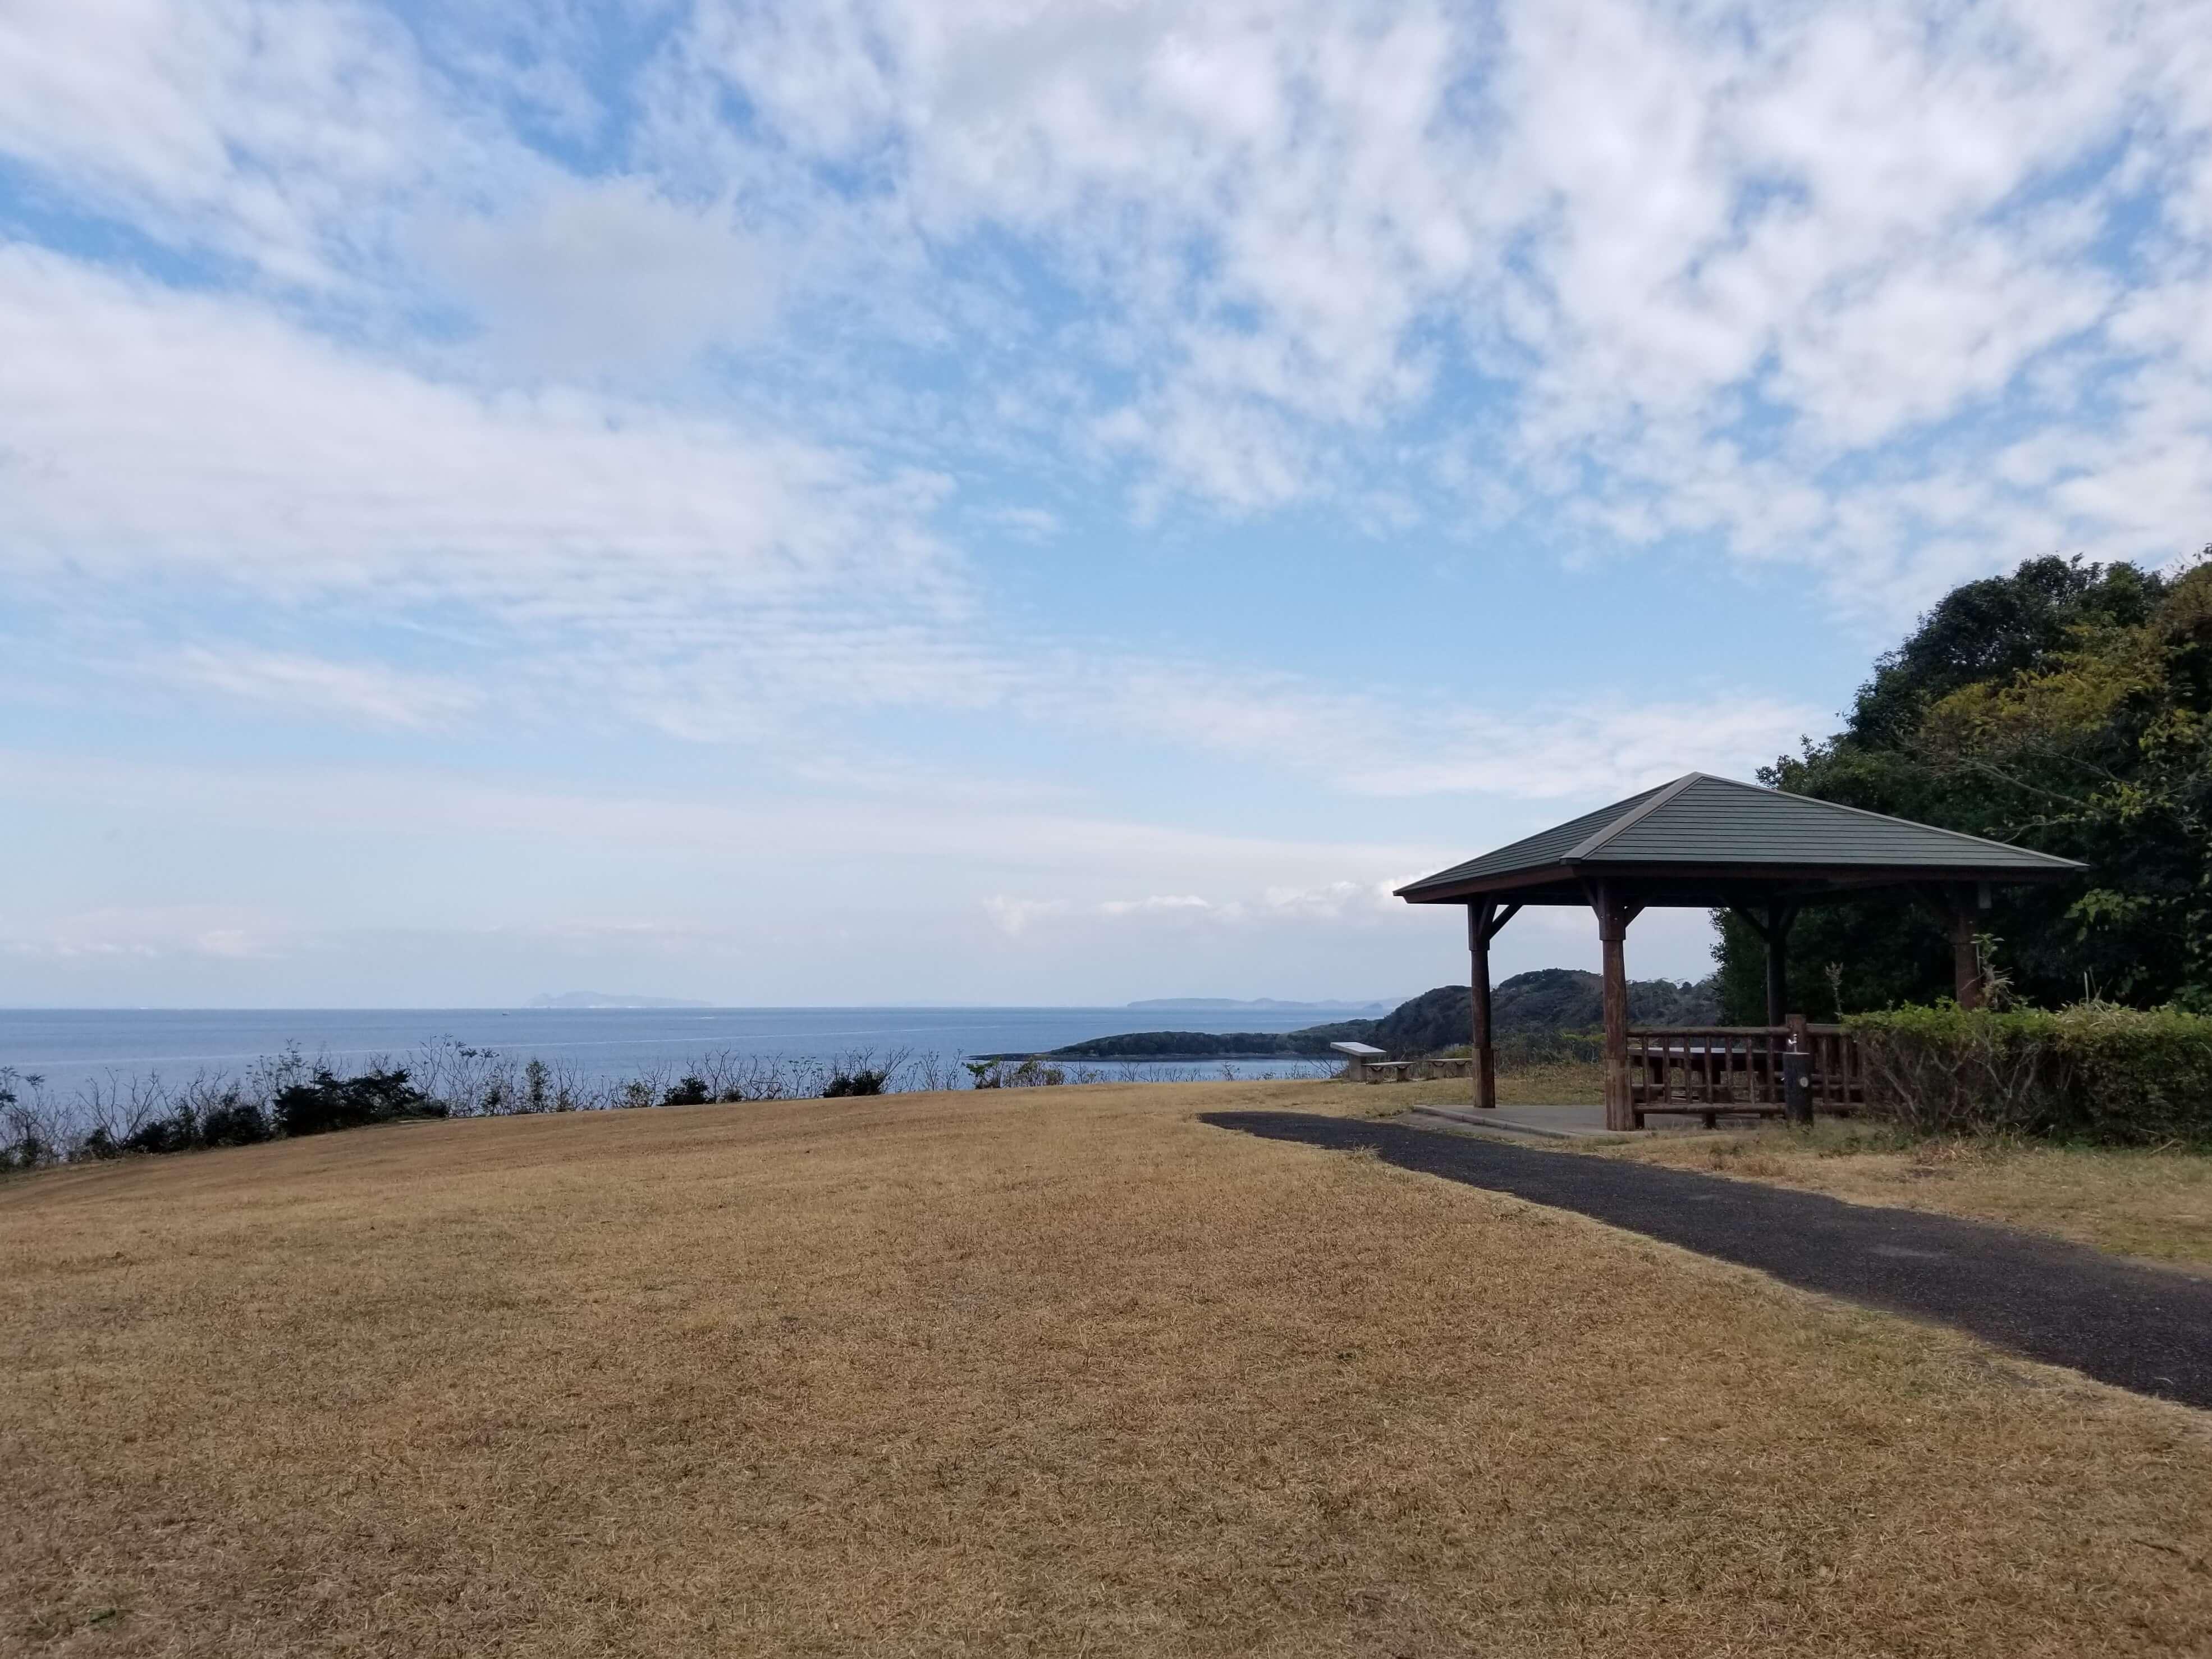 中瀬草原キャンプ場 展望サイト 最北エリア